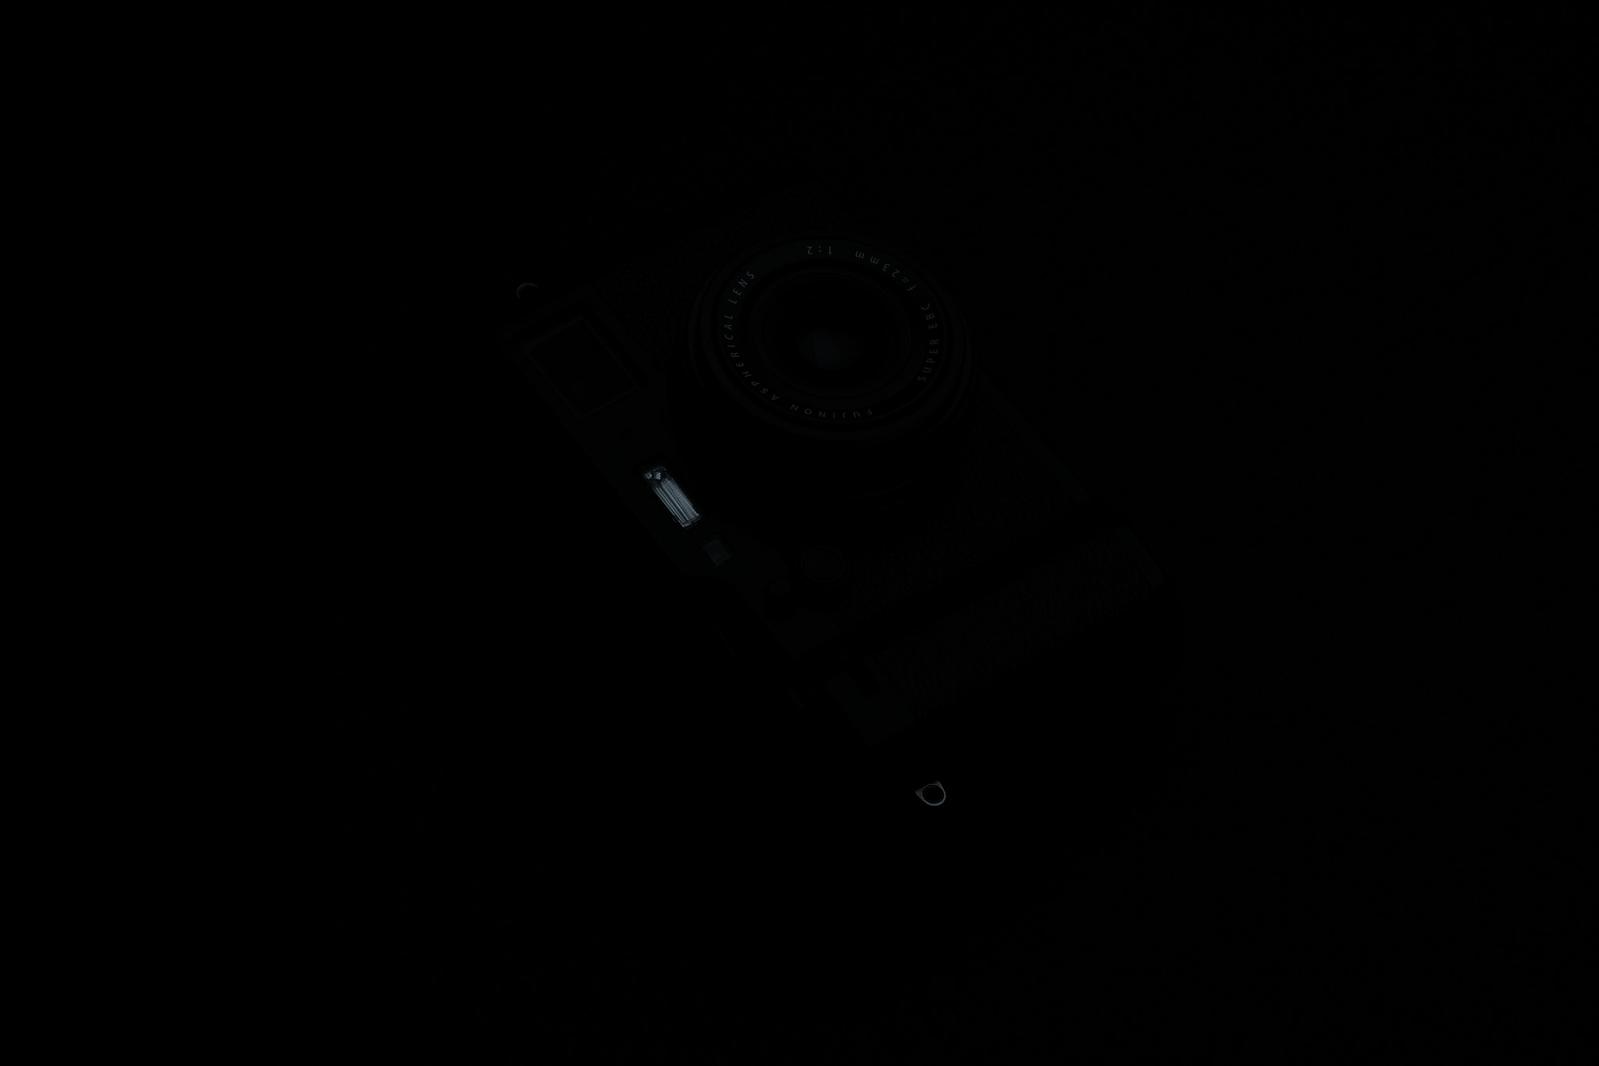 20180712-DSCF6737 6000 x 4000